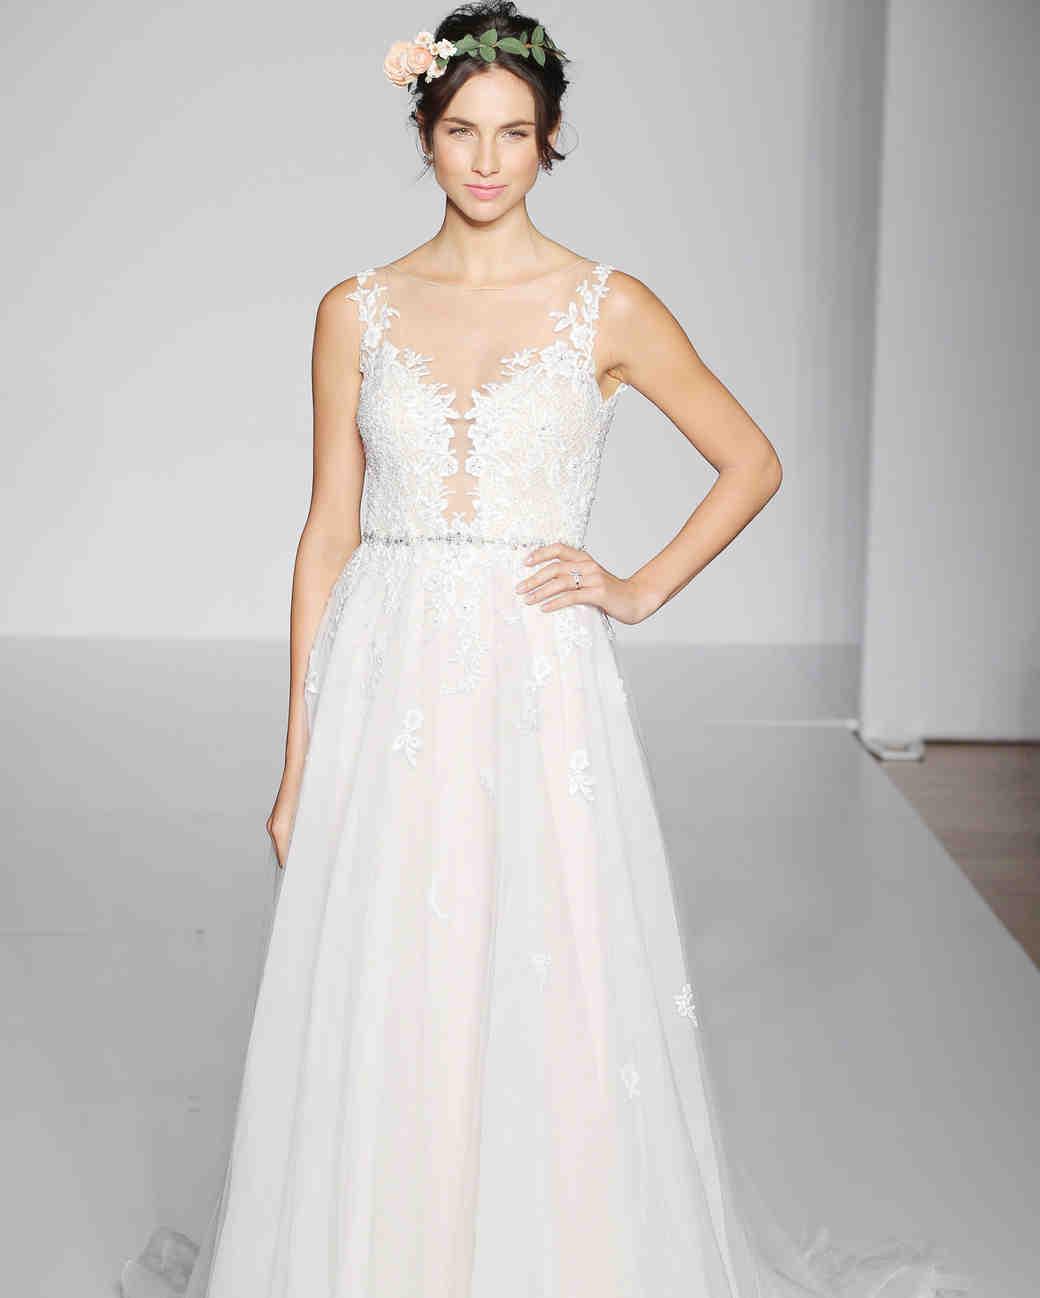 Maggie Sottero Spring 2017 Wedding Dress Collection | Martha Stewart ...